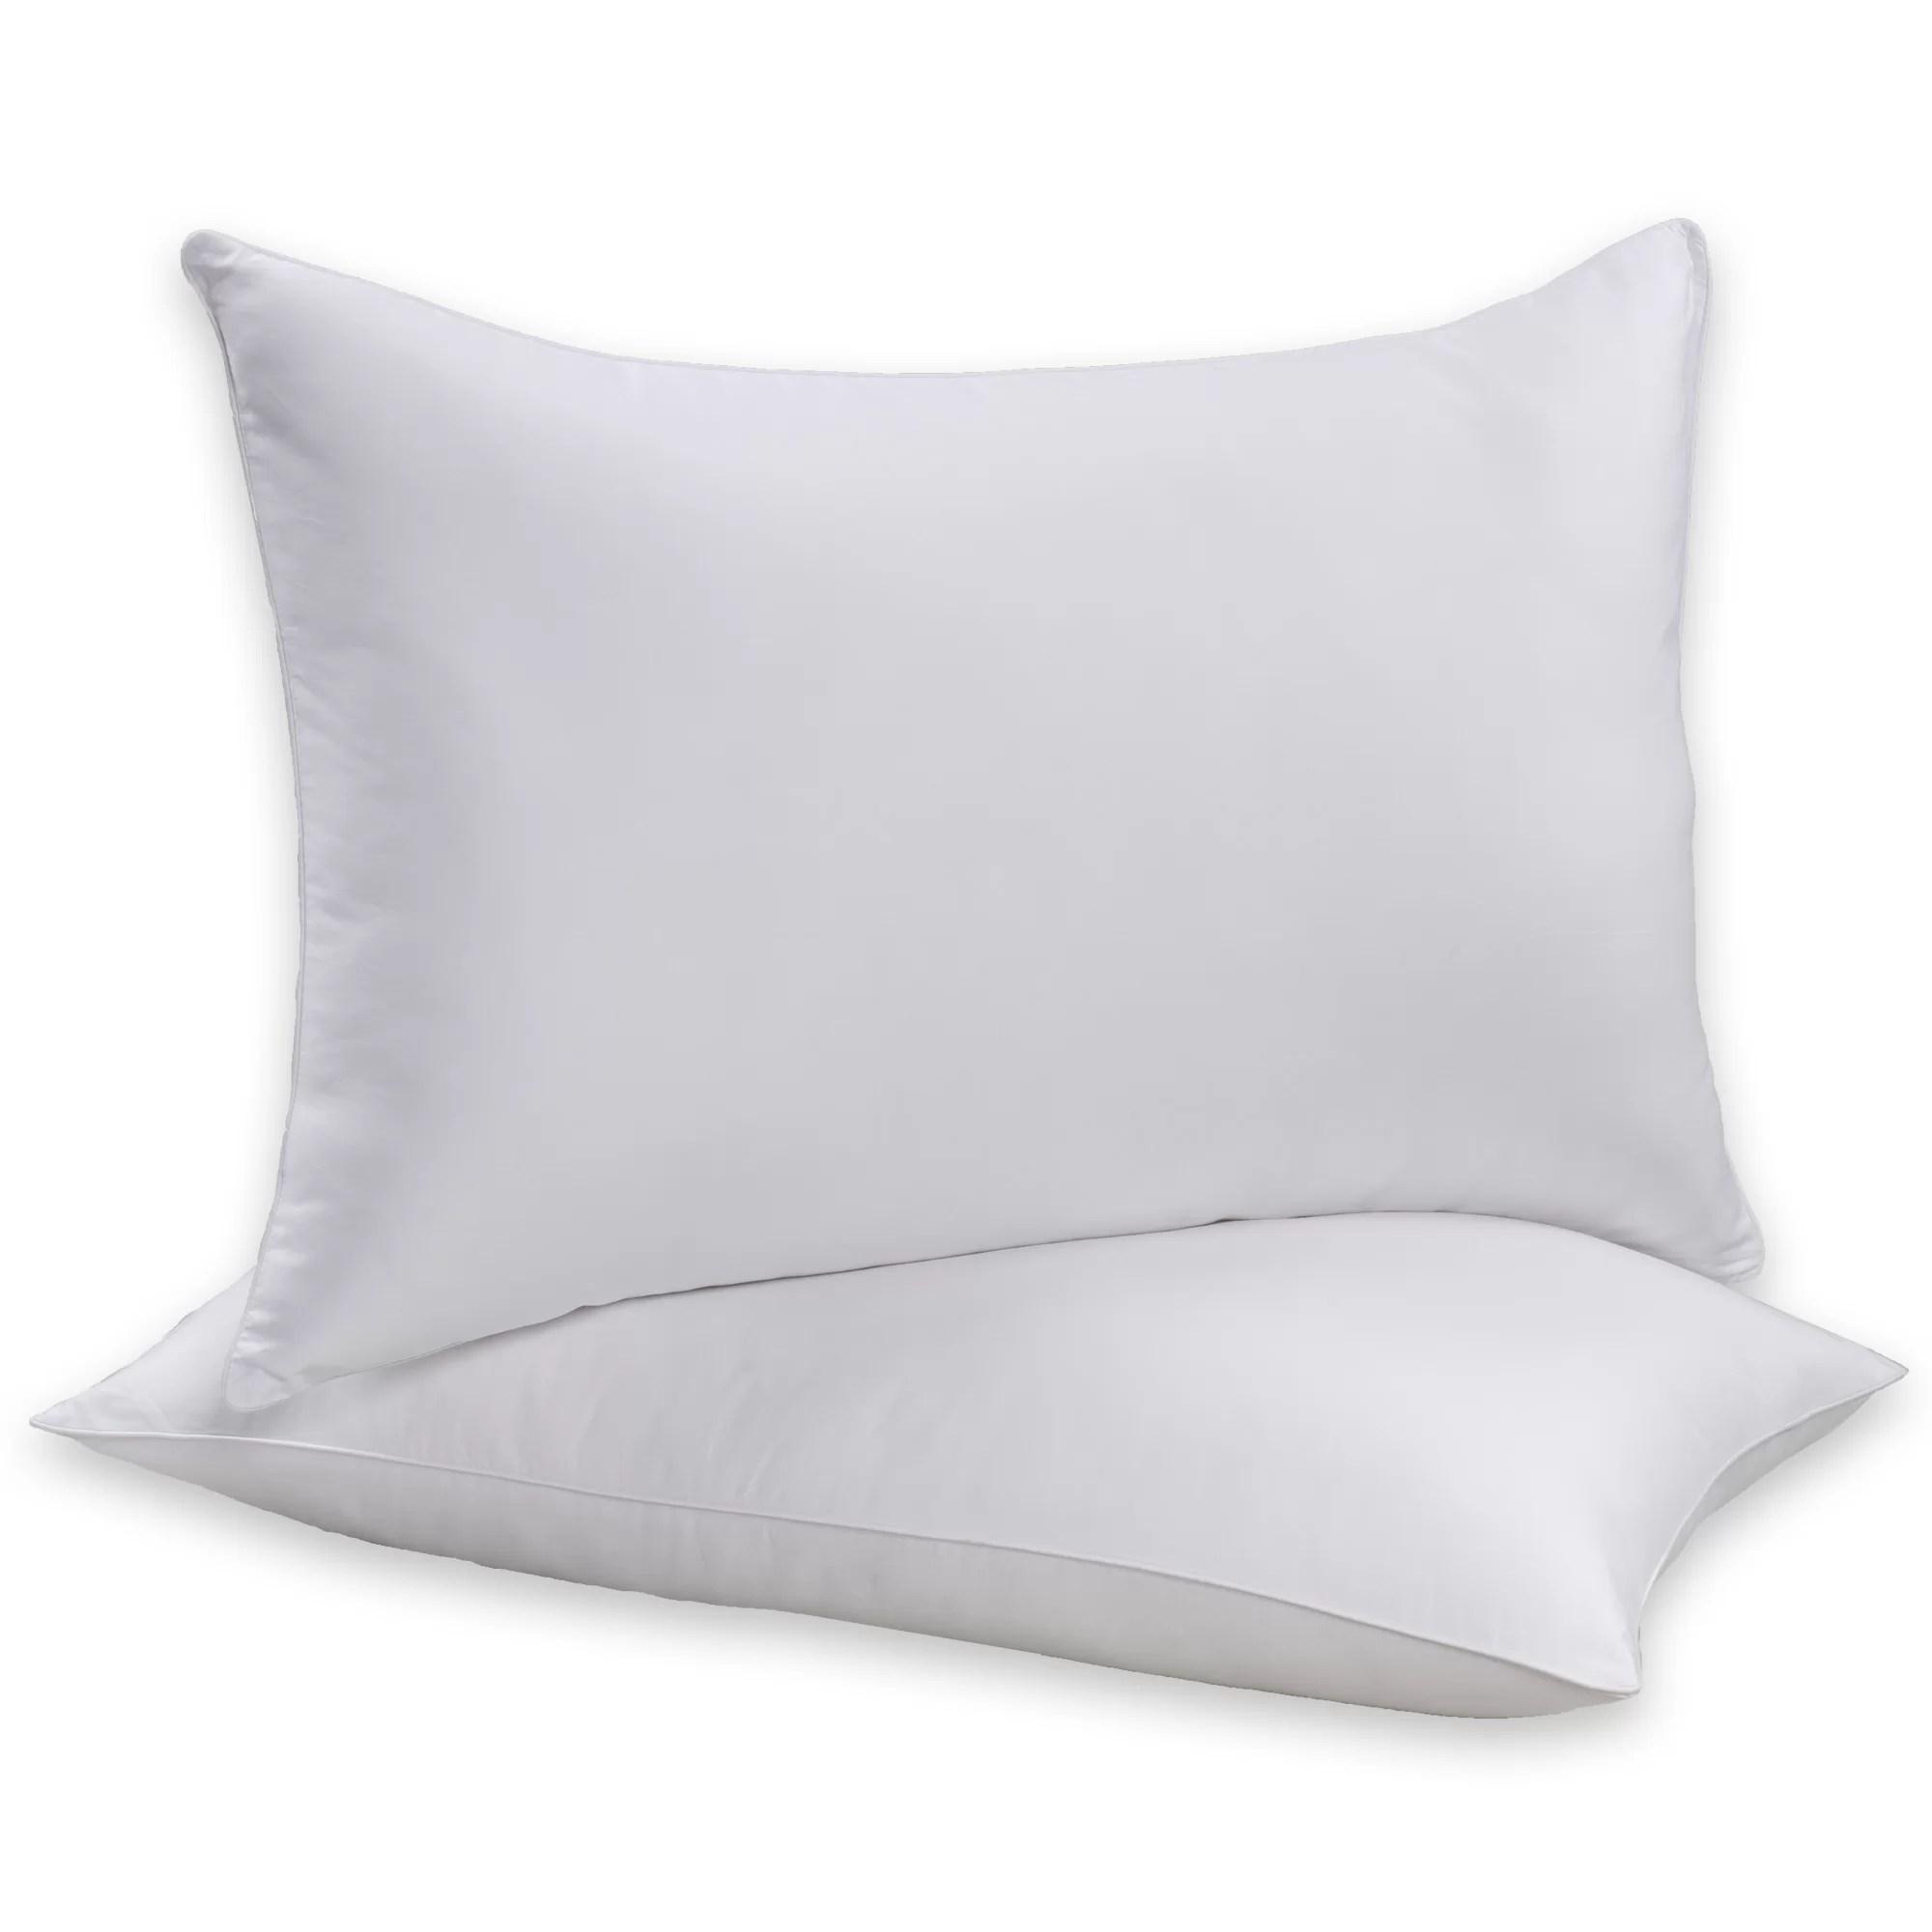 Simmons Beautyrest Allergen Barrier Pillow  Reviews  Wayfair